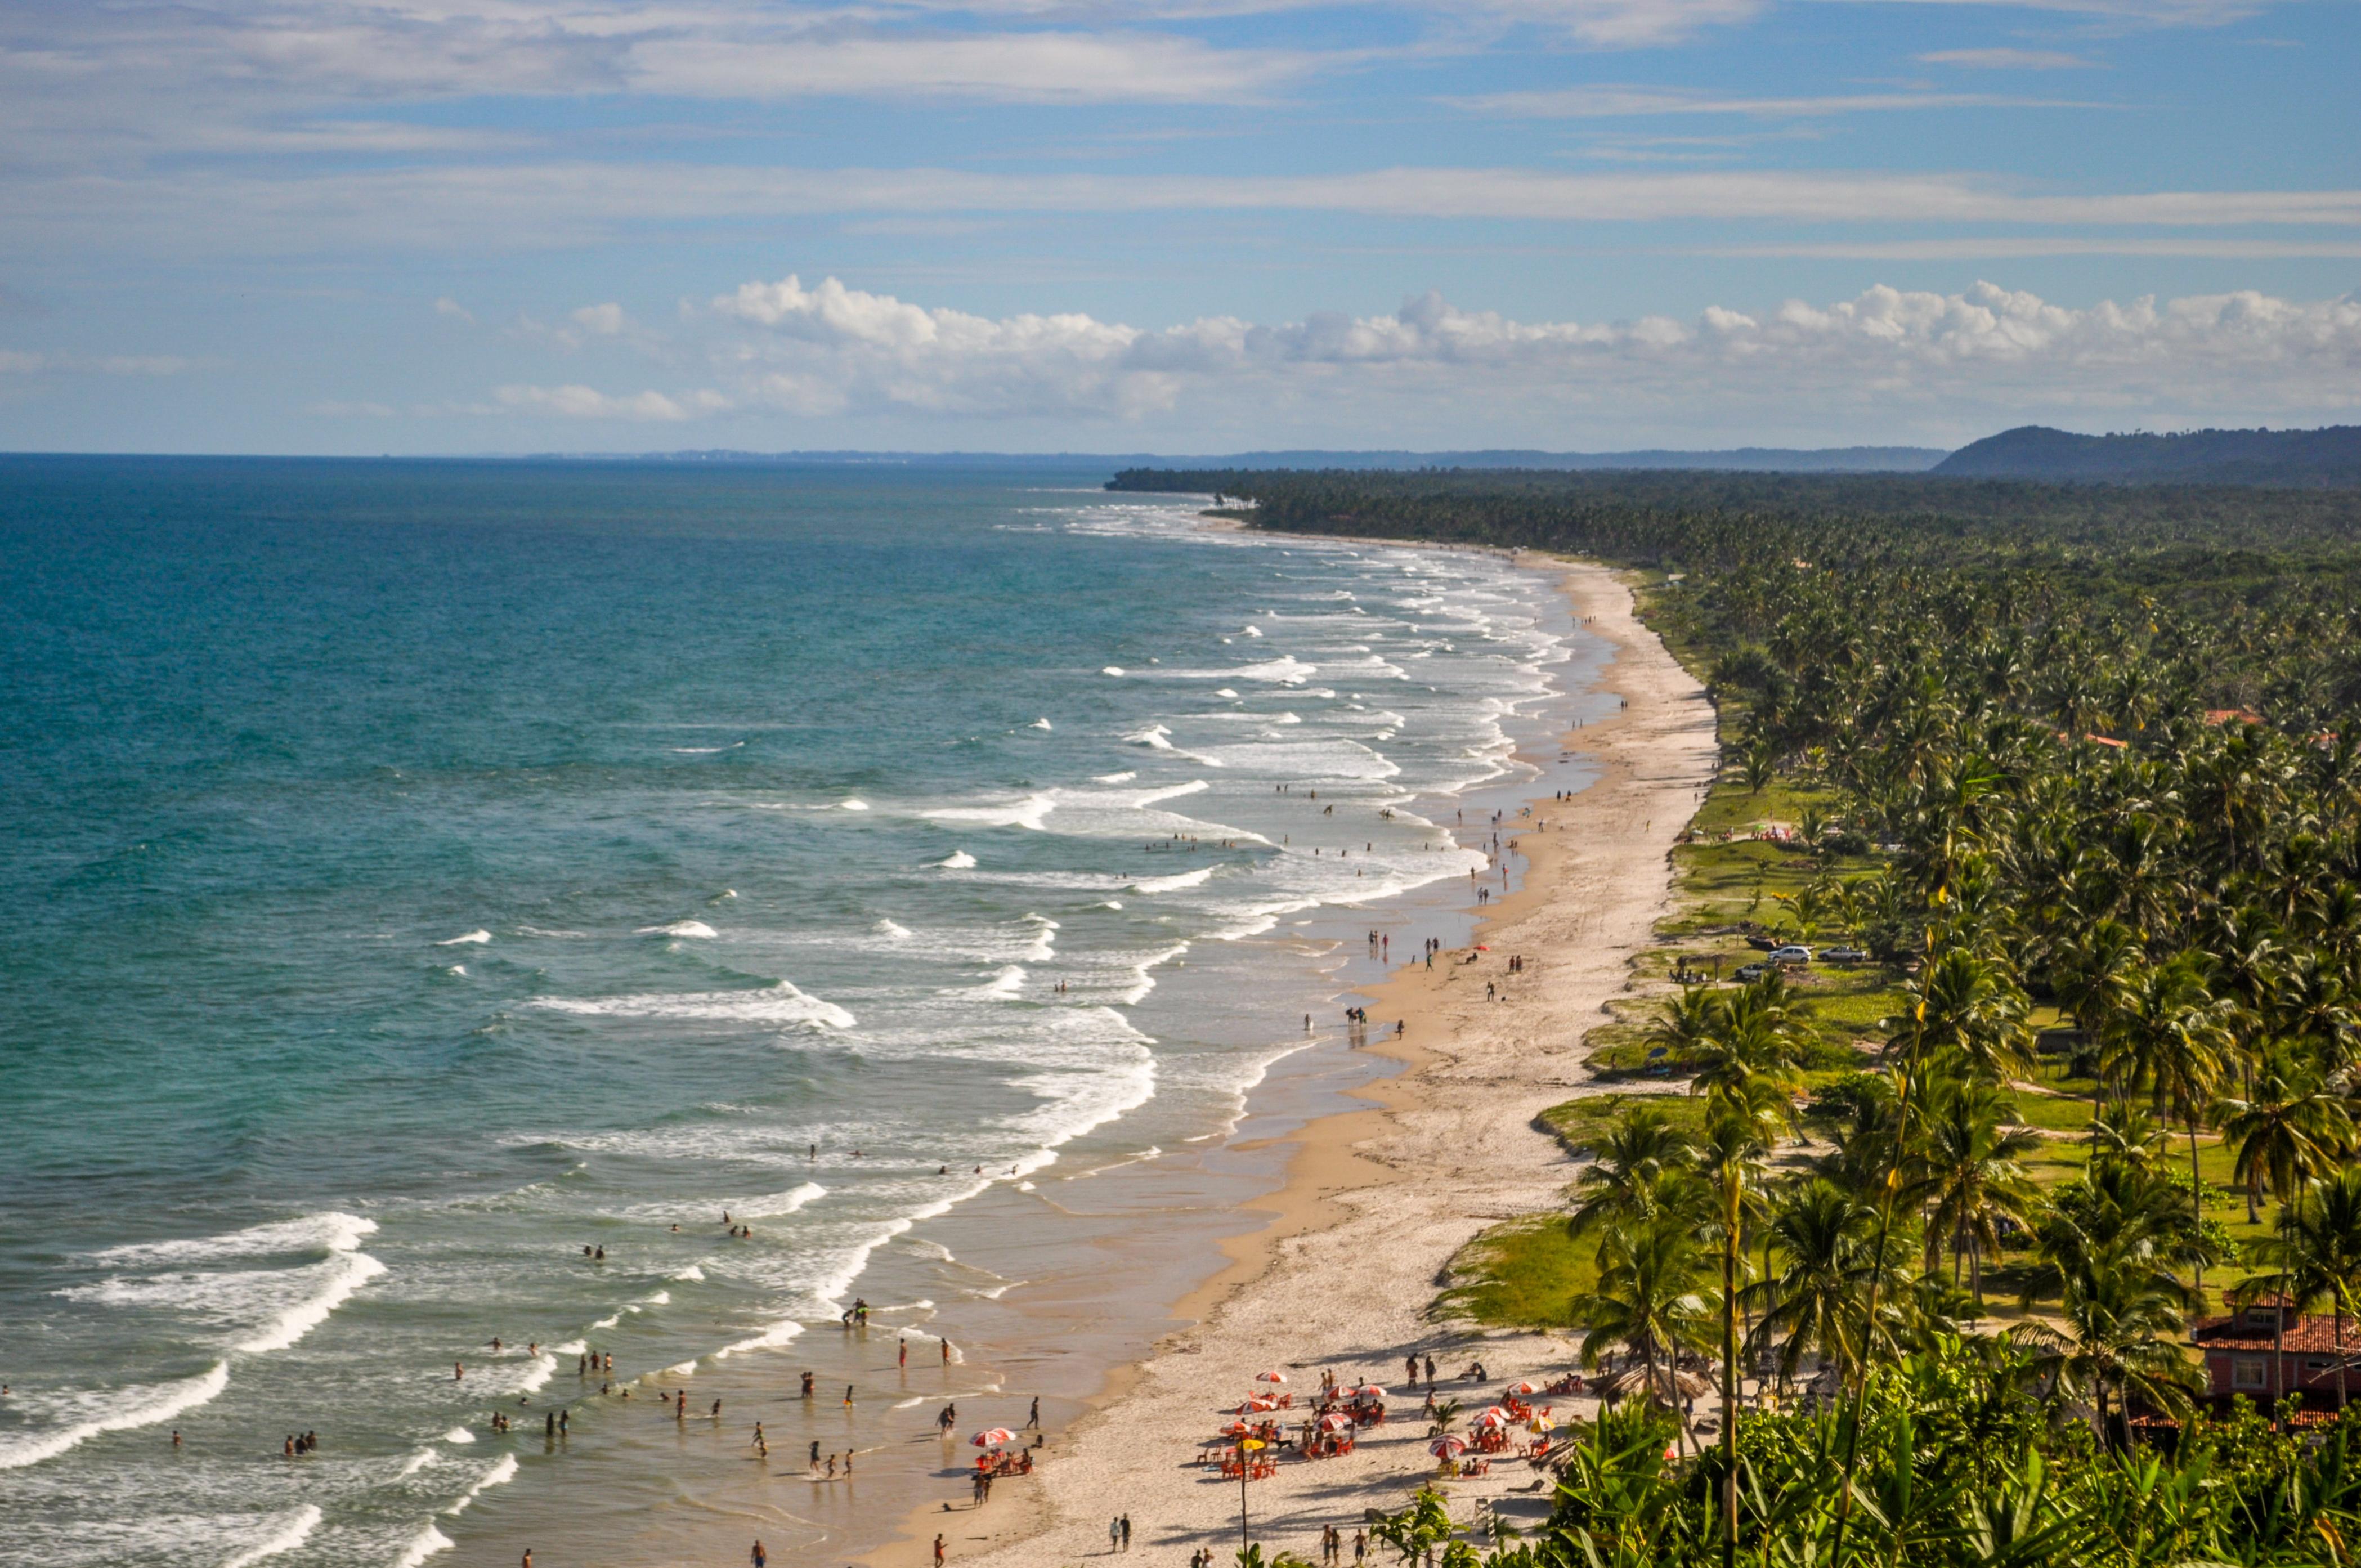 Al sur del río Tijuipe, lindas playas vírgenes se extienden por varios kilómetros: las playas de Serra Grande en el Área de Protección Ambiental, están accesibles por la ruta-parque que une Ilhéus e Itacaré. La playa Sargi, concentra la mayoría de las posadas, bares, restaurantes y cabañas